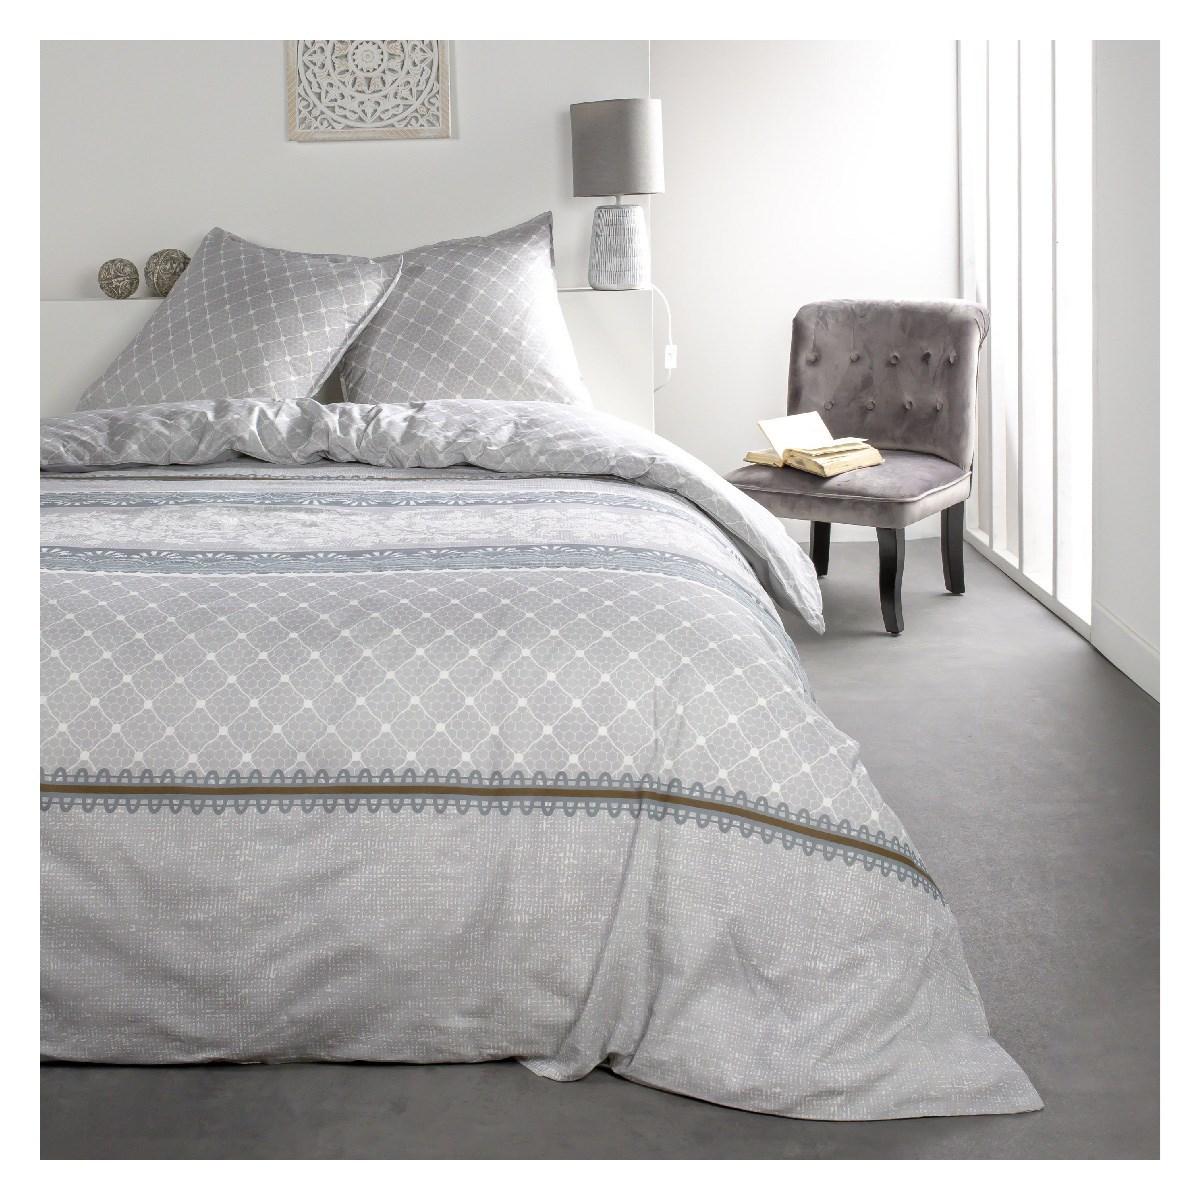 Parure de lit 2 personnes imprimé en Coton Gris 240x260 cm